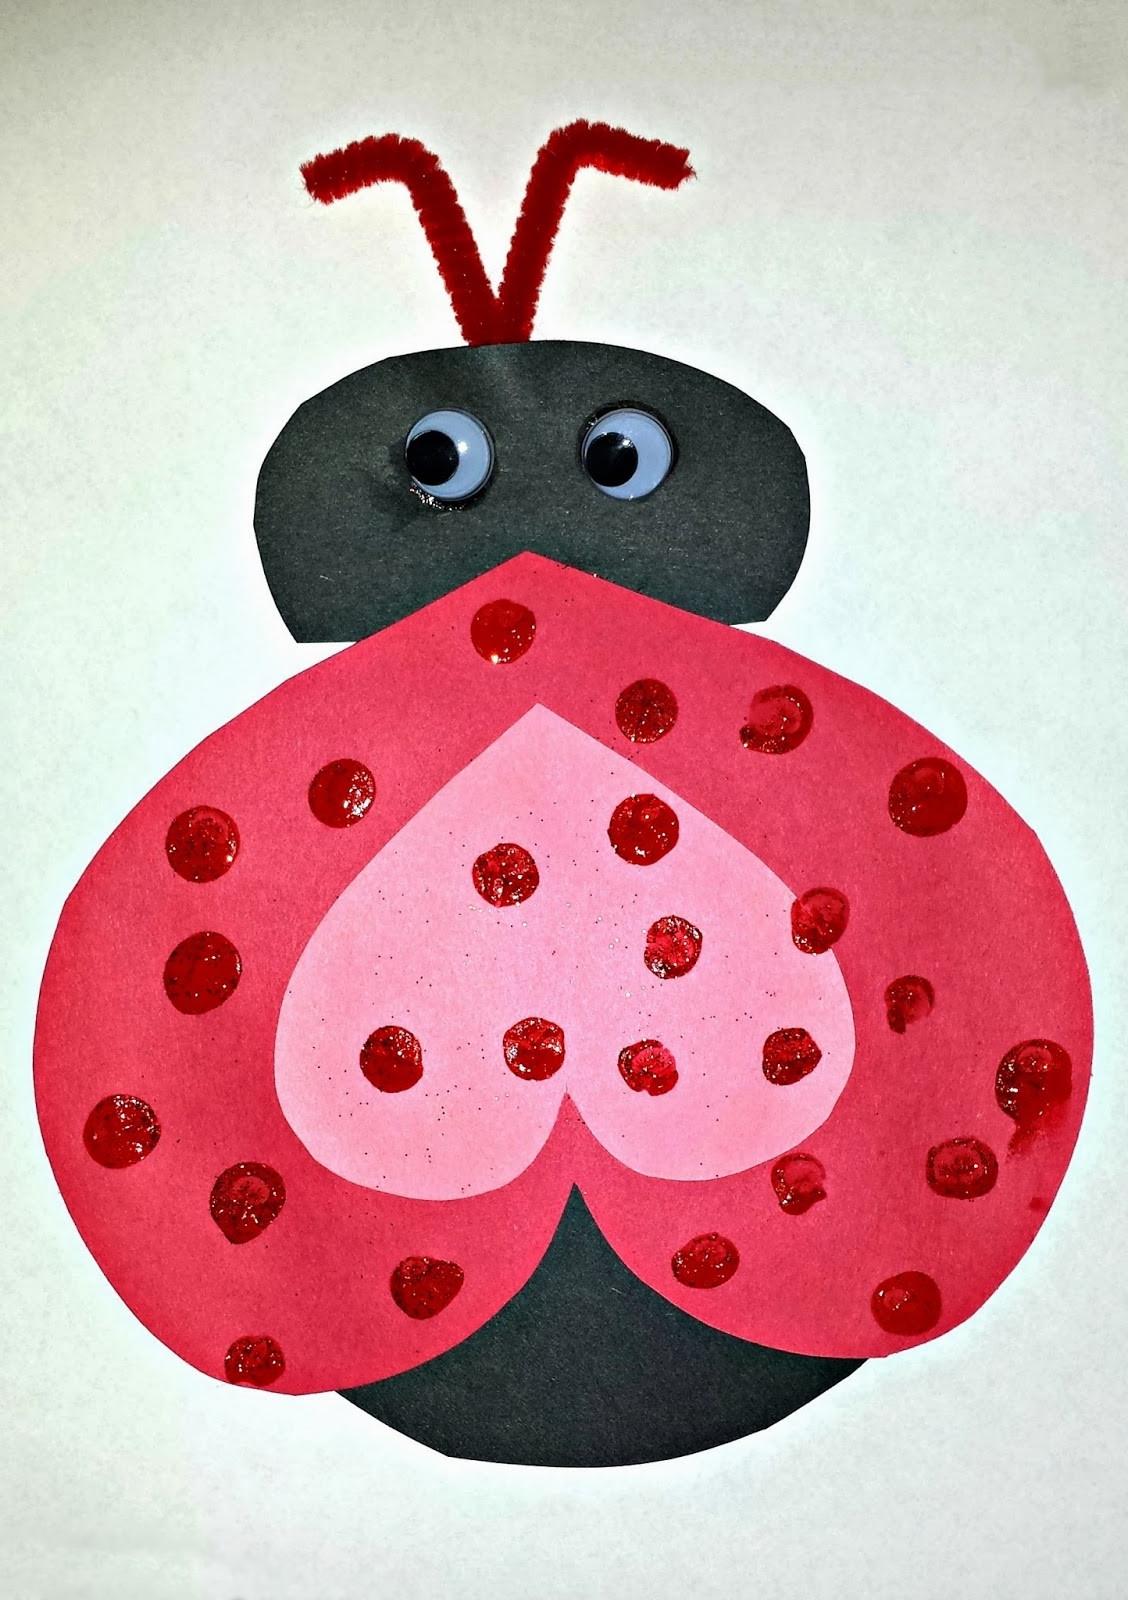 Best ideas about Valentine Crafts For Preschoolers Pinterest . Save or Pin pinterest valentine crafts for kindergarten craftshady Now.